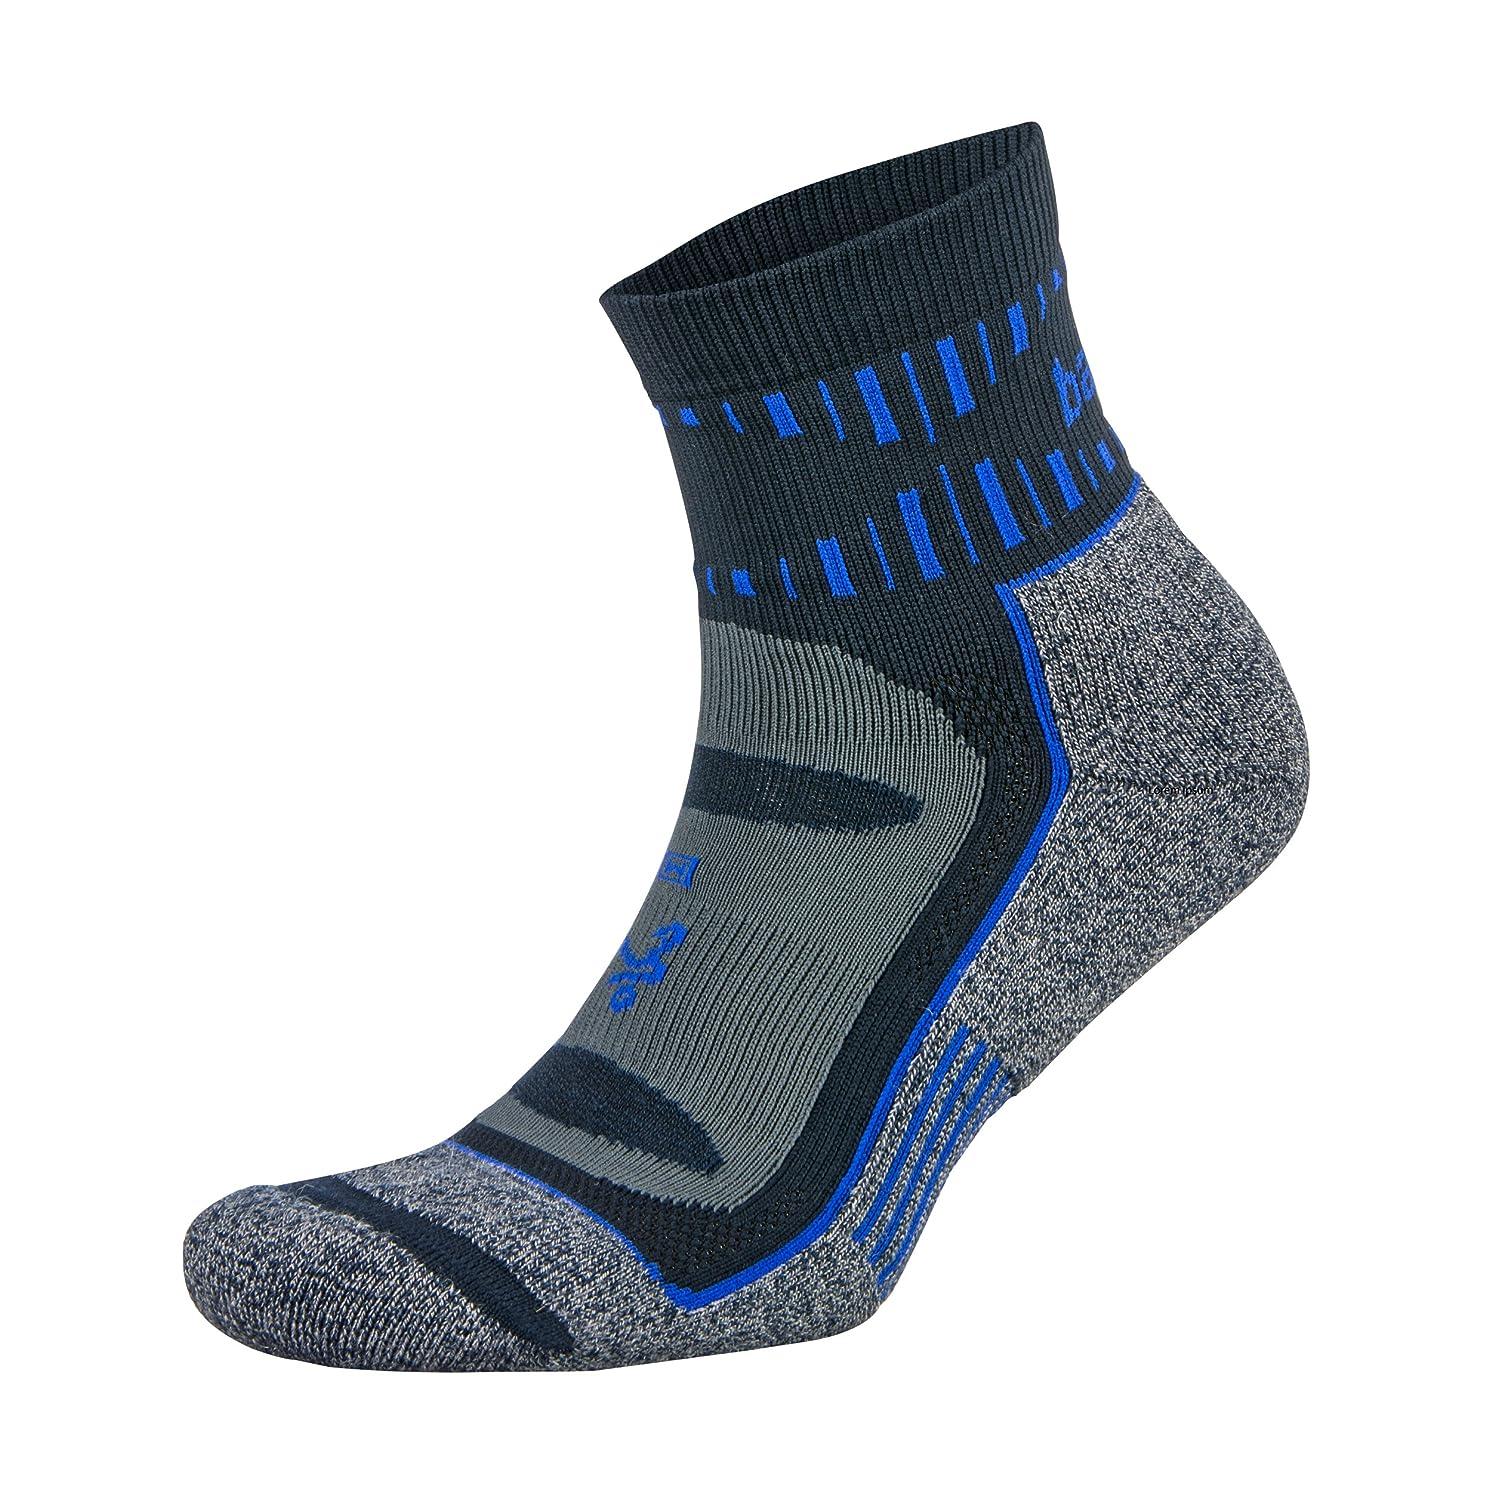 Balega Blister Resist Quarter Socks For Men and Women (1 Pair)